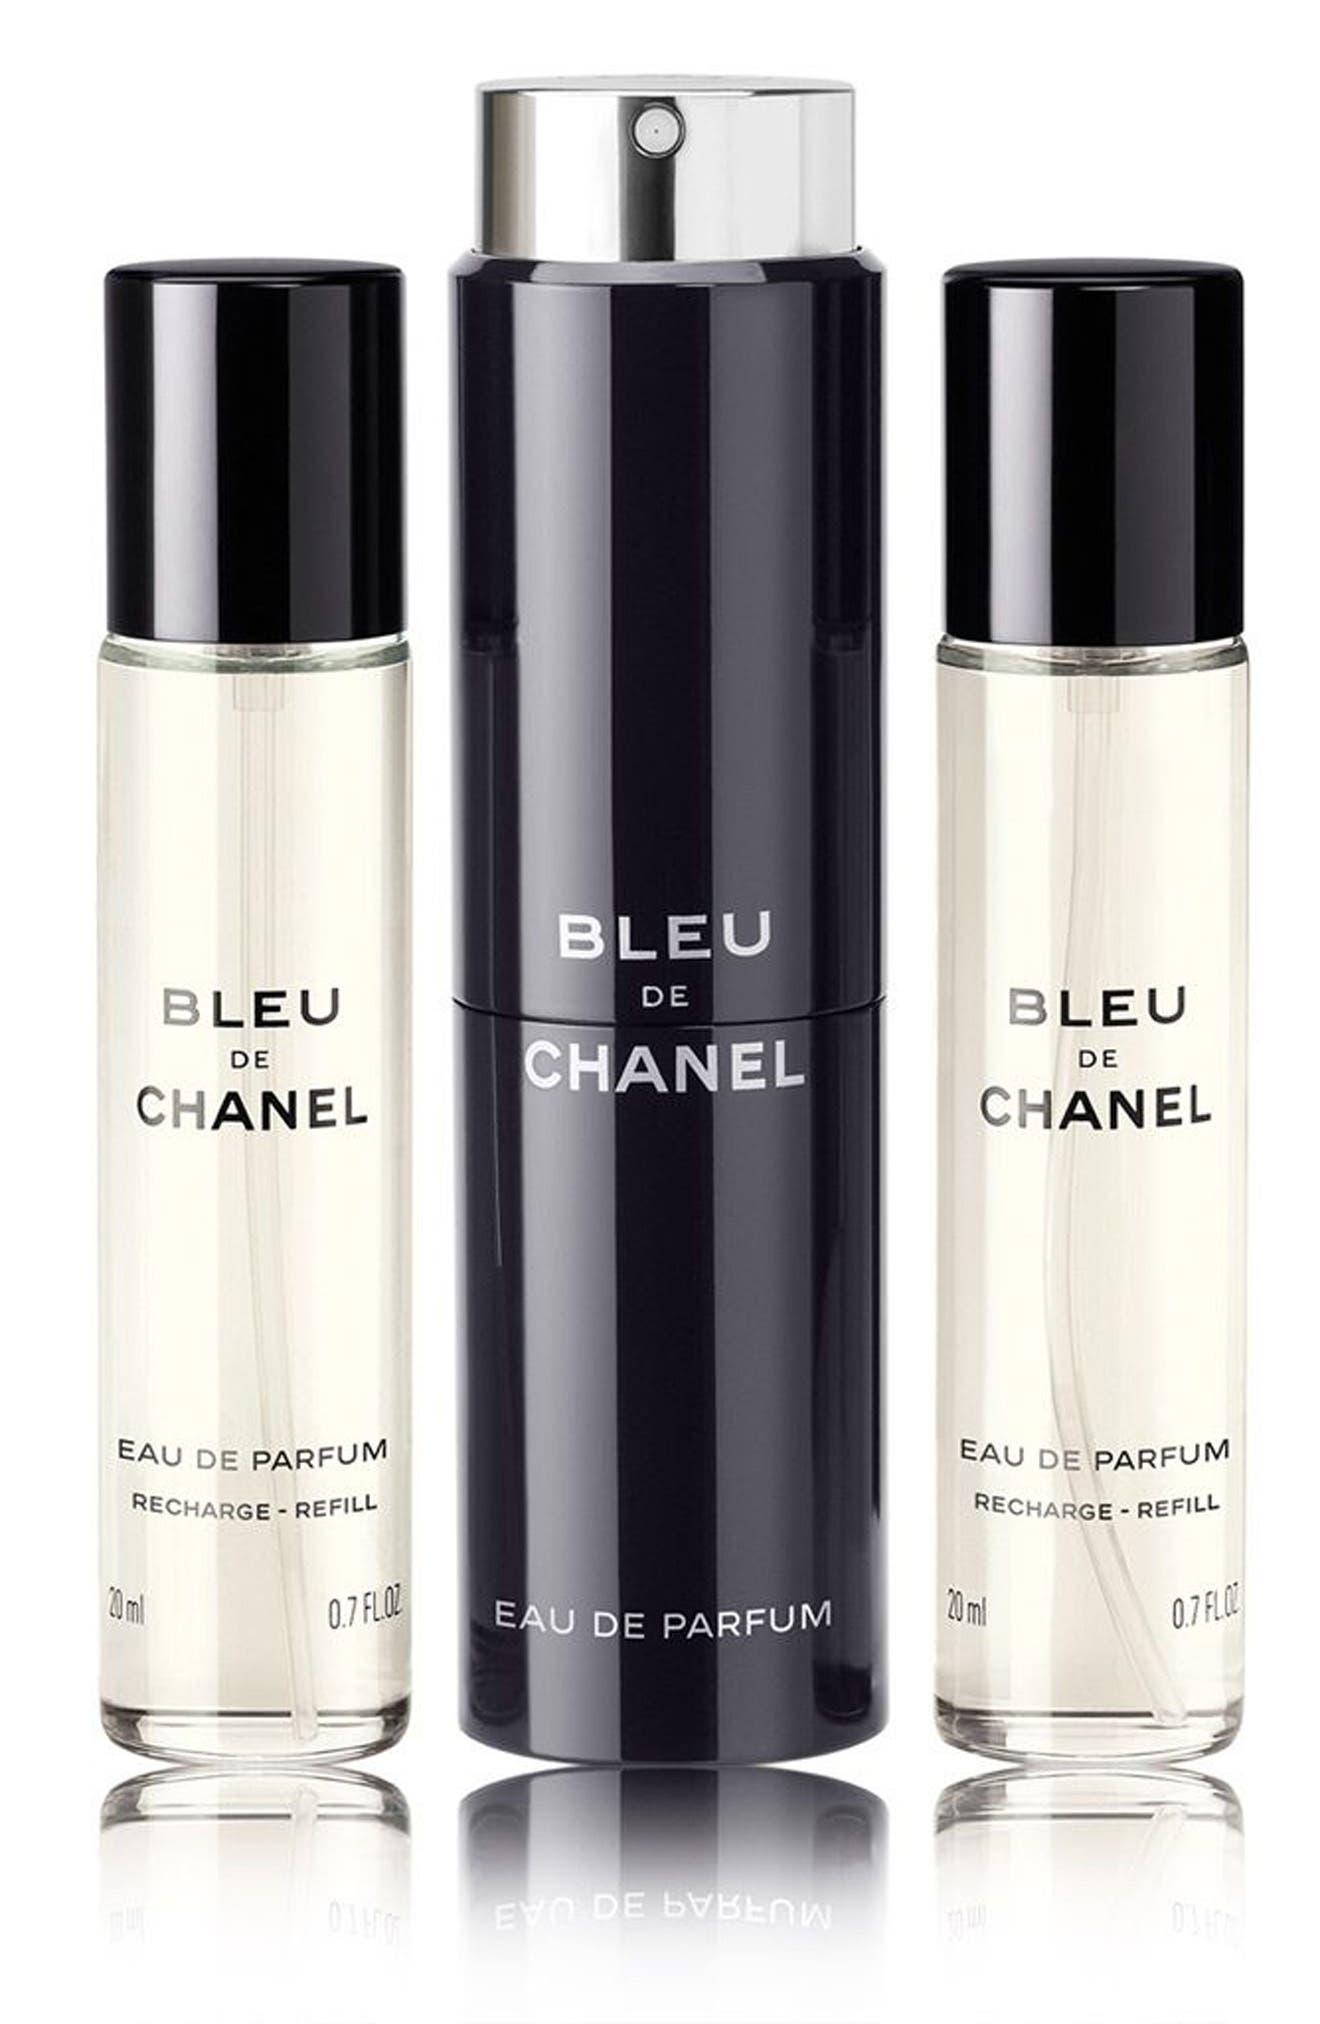 BLEU DE CHANEL EAU DE PARFUM POUR HOMME Refillable Travel Spray Set,                             Main thumbnail 1, color,                             NO COLOR